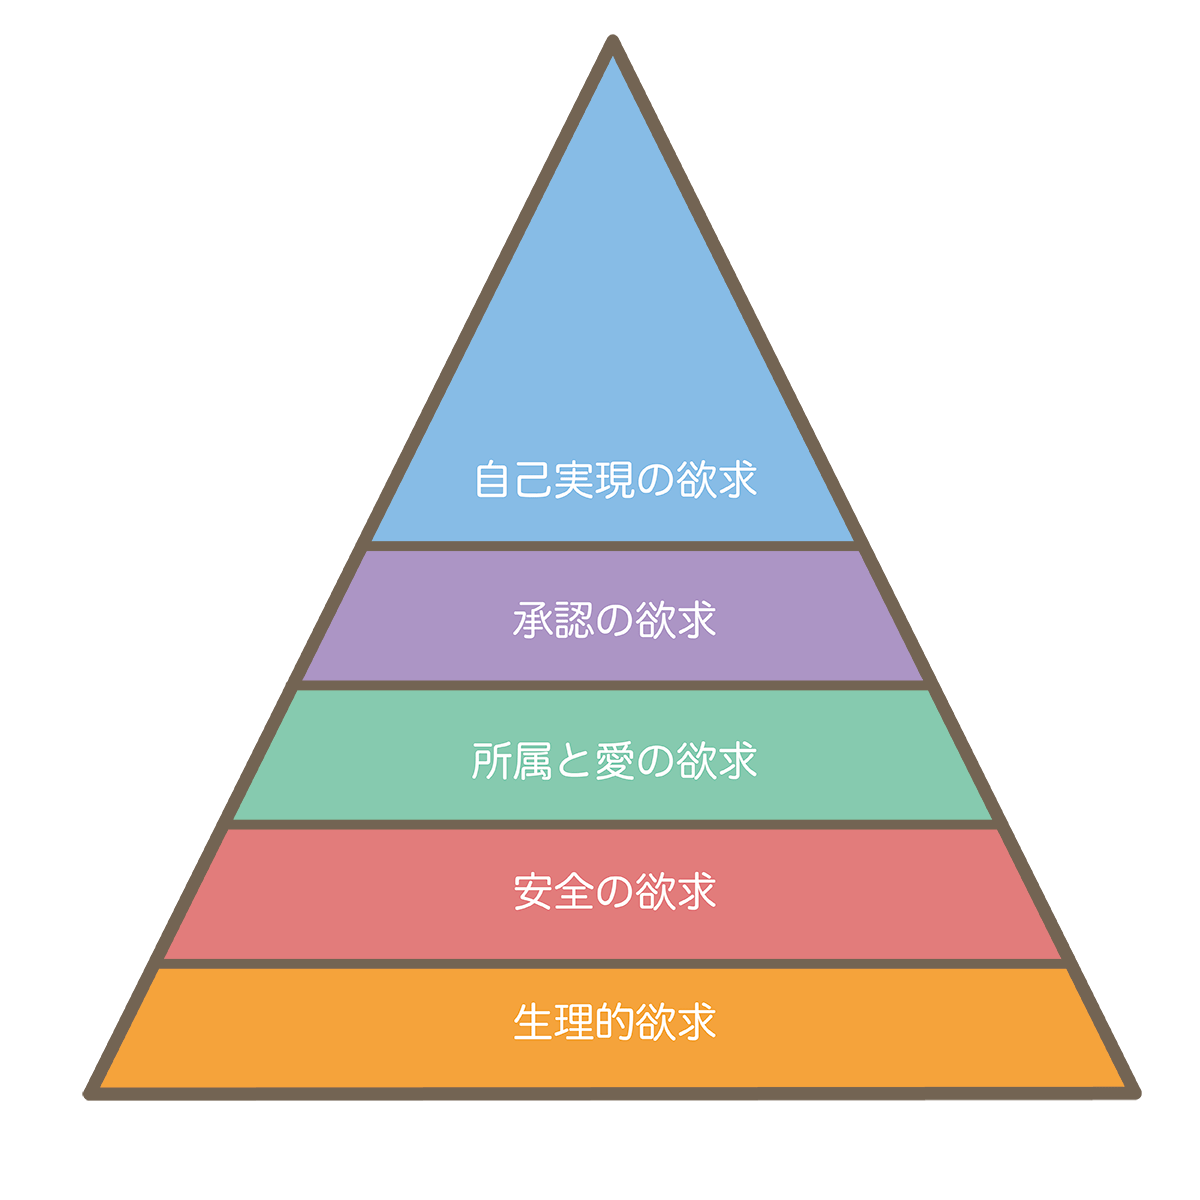 f:id:akihagi:20200313221614p:plain